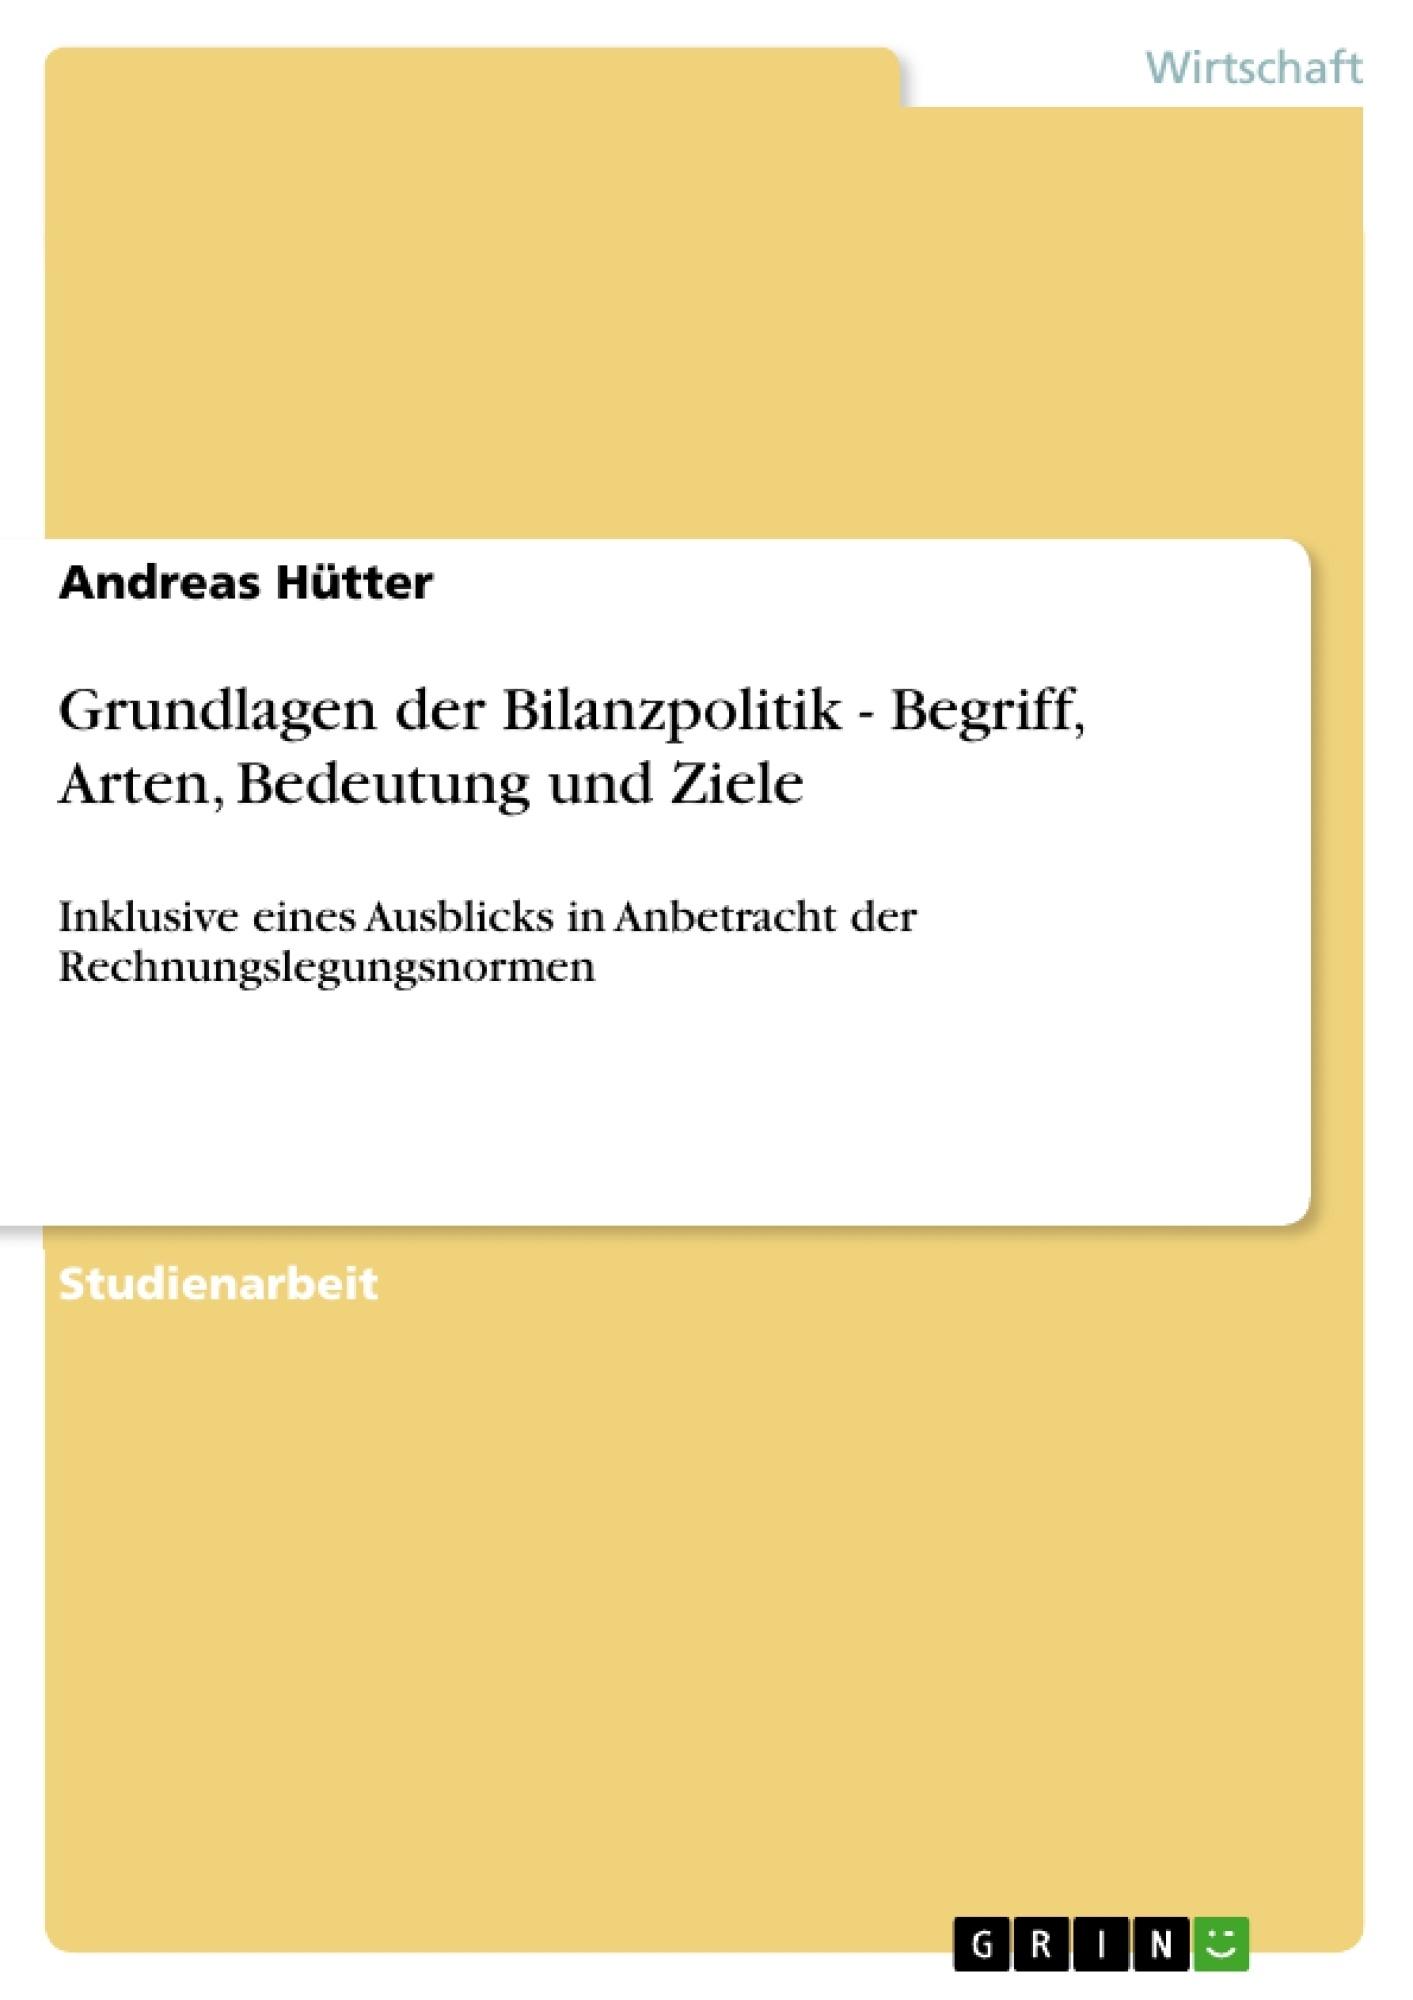 Titel: Grundlagen der Bilanzpolitik - Begriff, Arten, Bedeutung und Ziele